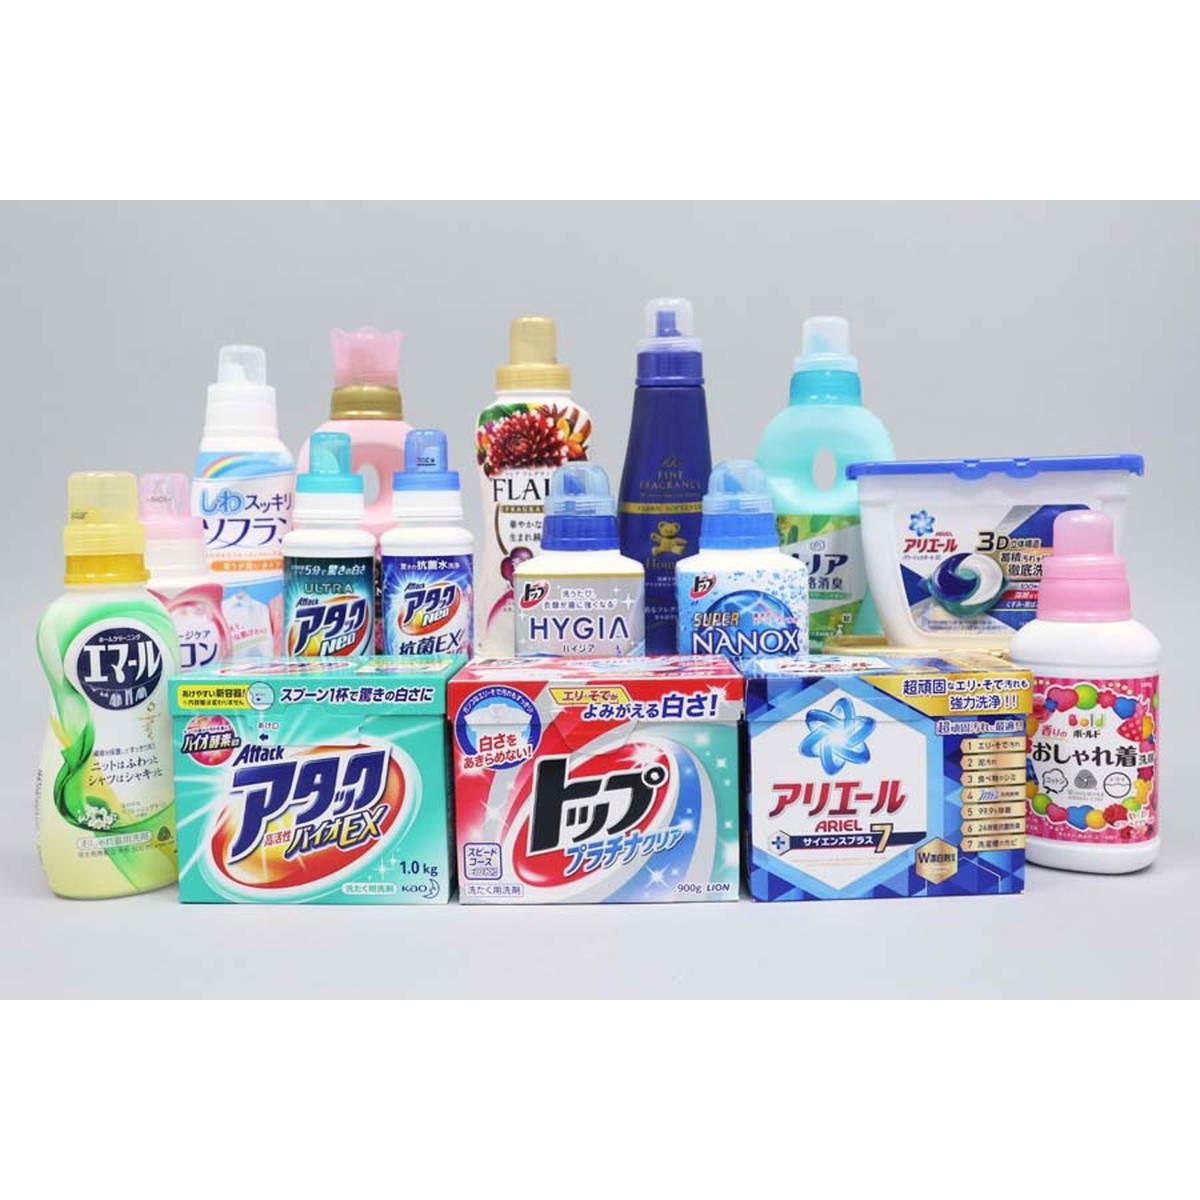 洗剤 汗 臭い 洗濯洗剤の臭いが毎日きつい!臭いがとれないときの解決策は?